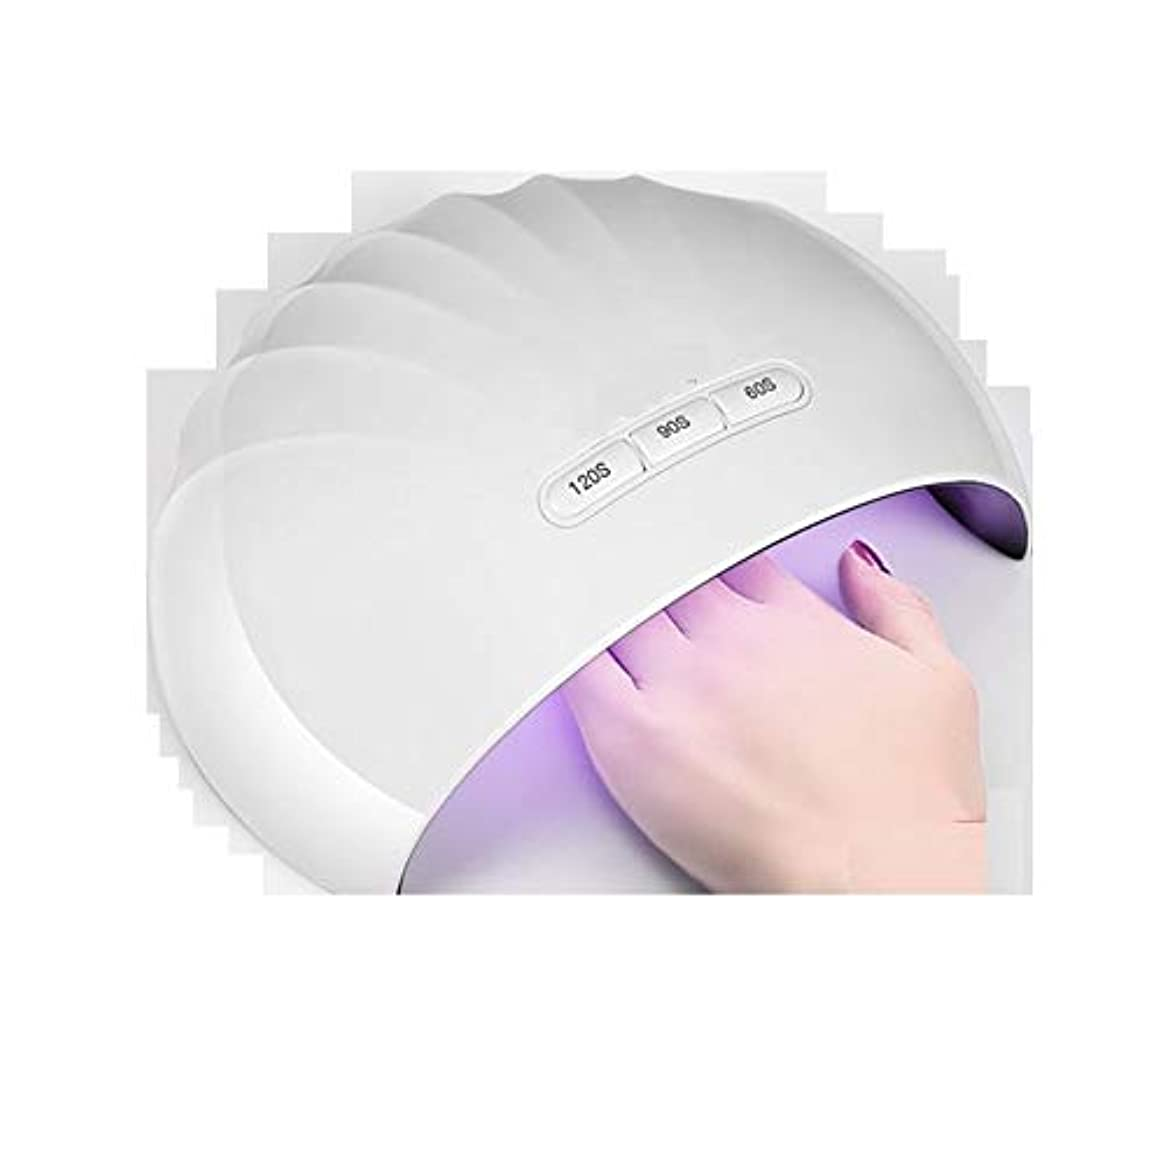 移動する青フォローLittleCat ネイルネイル光線療法機ドライヤースマート36Wネイル12個のデュアル光源ランプビーズ (色 : White+USB cable+plug)